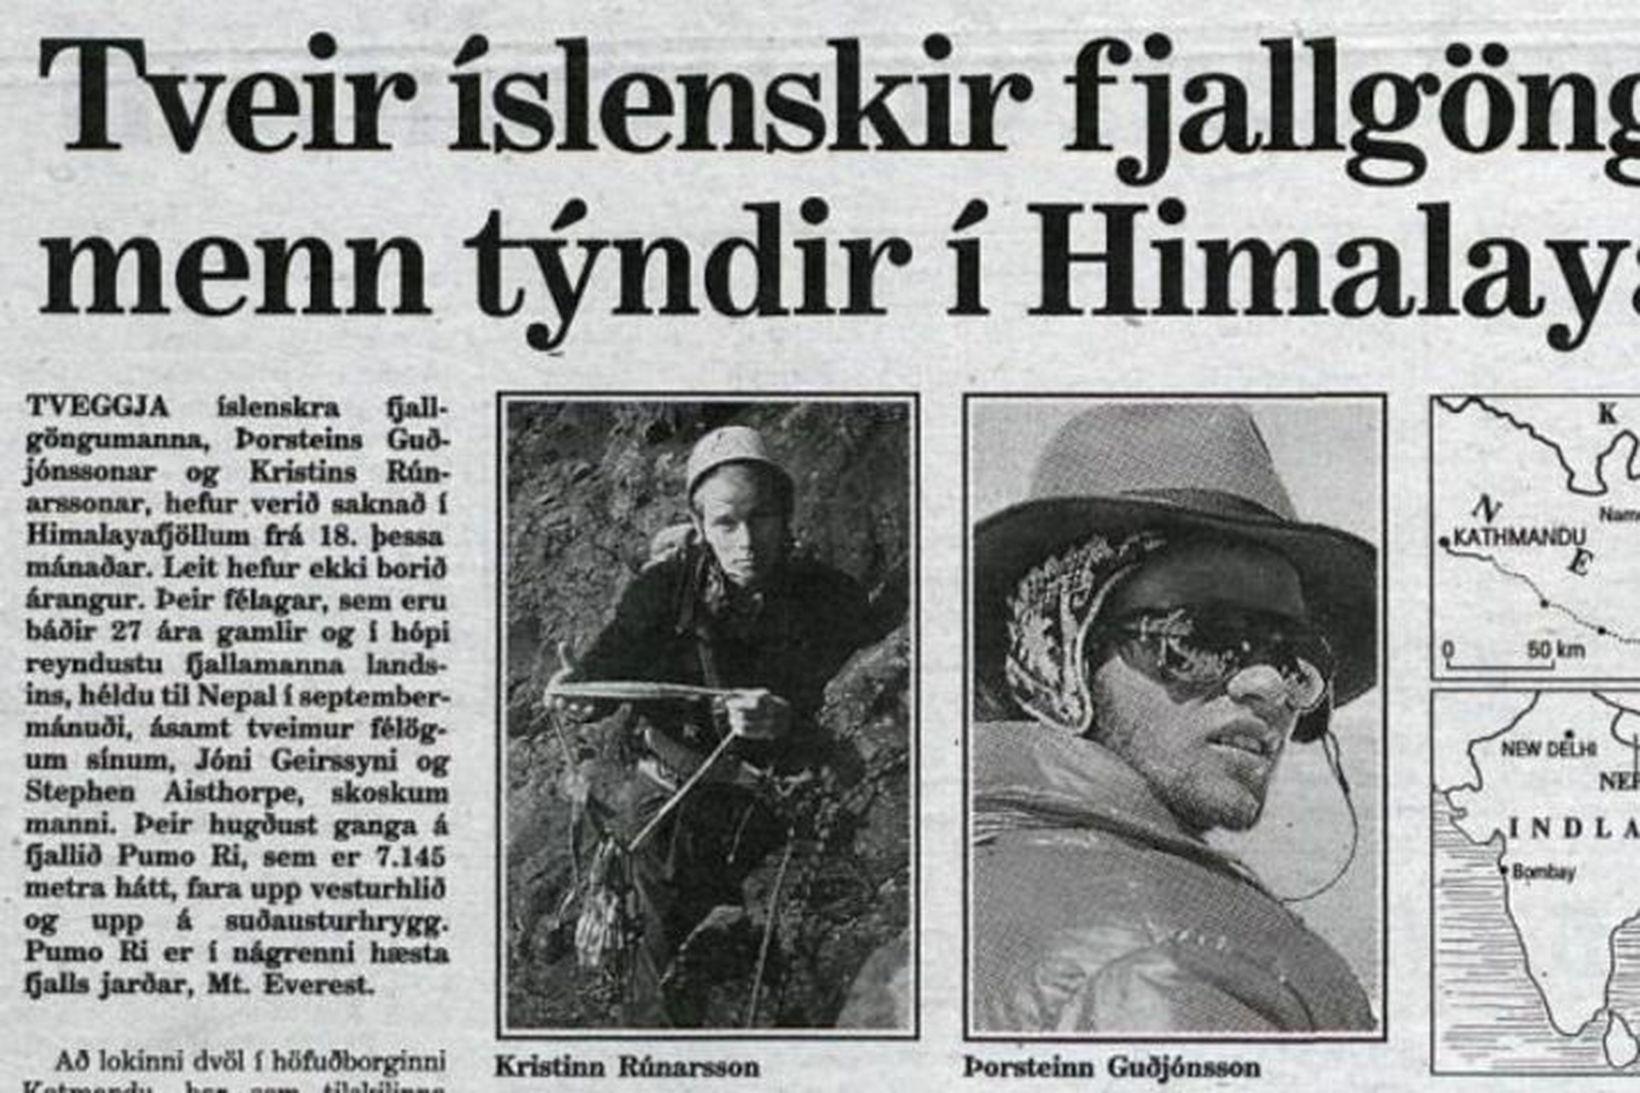 Þorsteinn Guðjónsson og Kristinn Rúnarsson voru í hópi reyndustu fjallamanna …